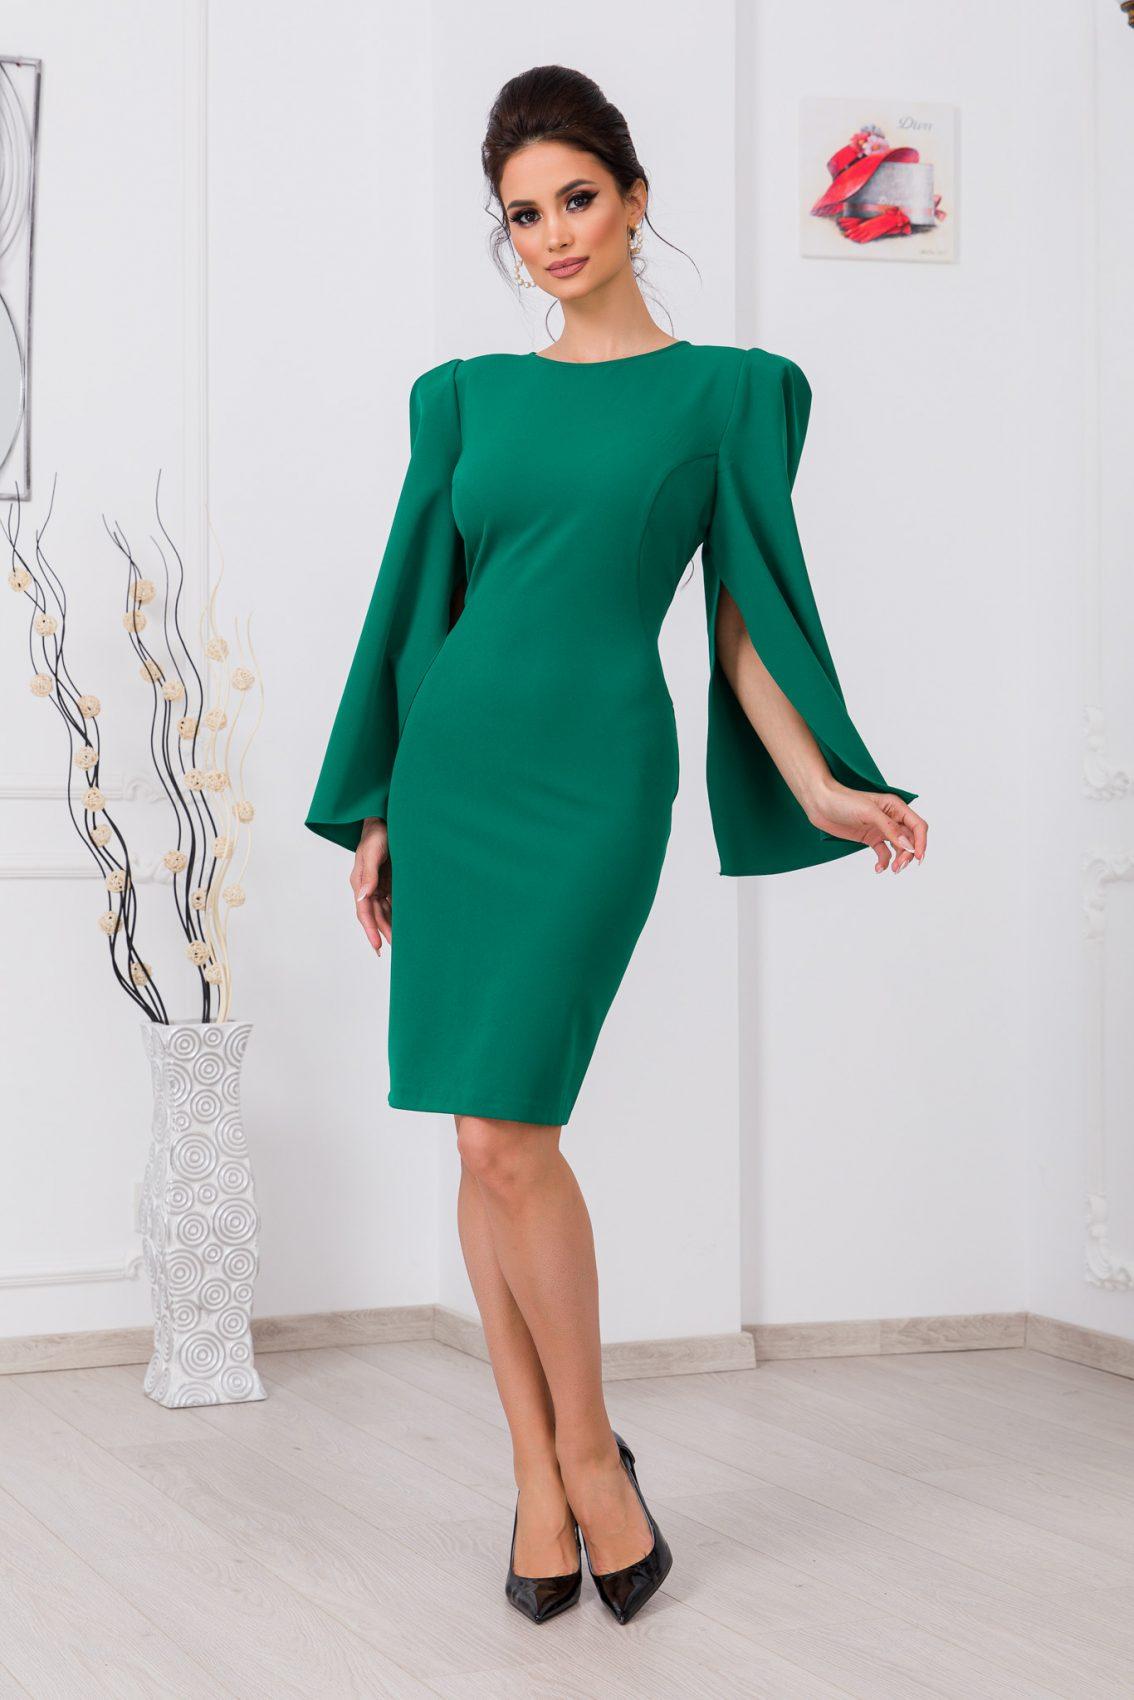 Πράσινο Φόρεμα Dulce 9762 1